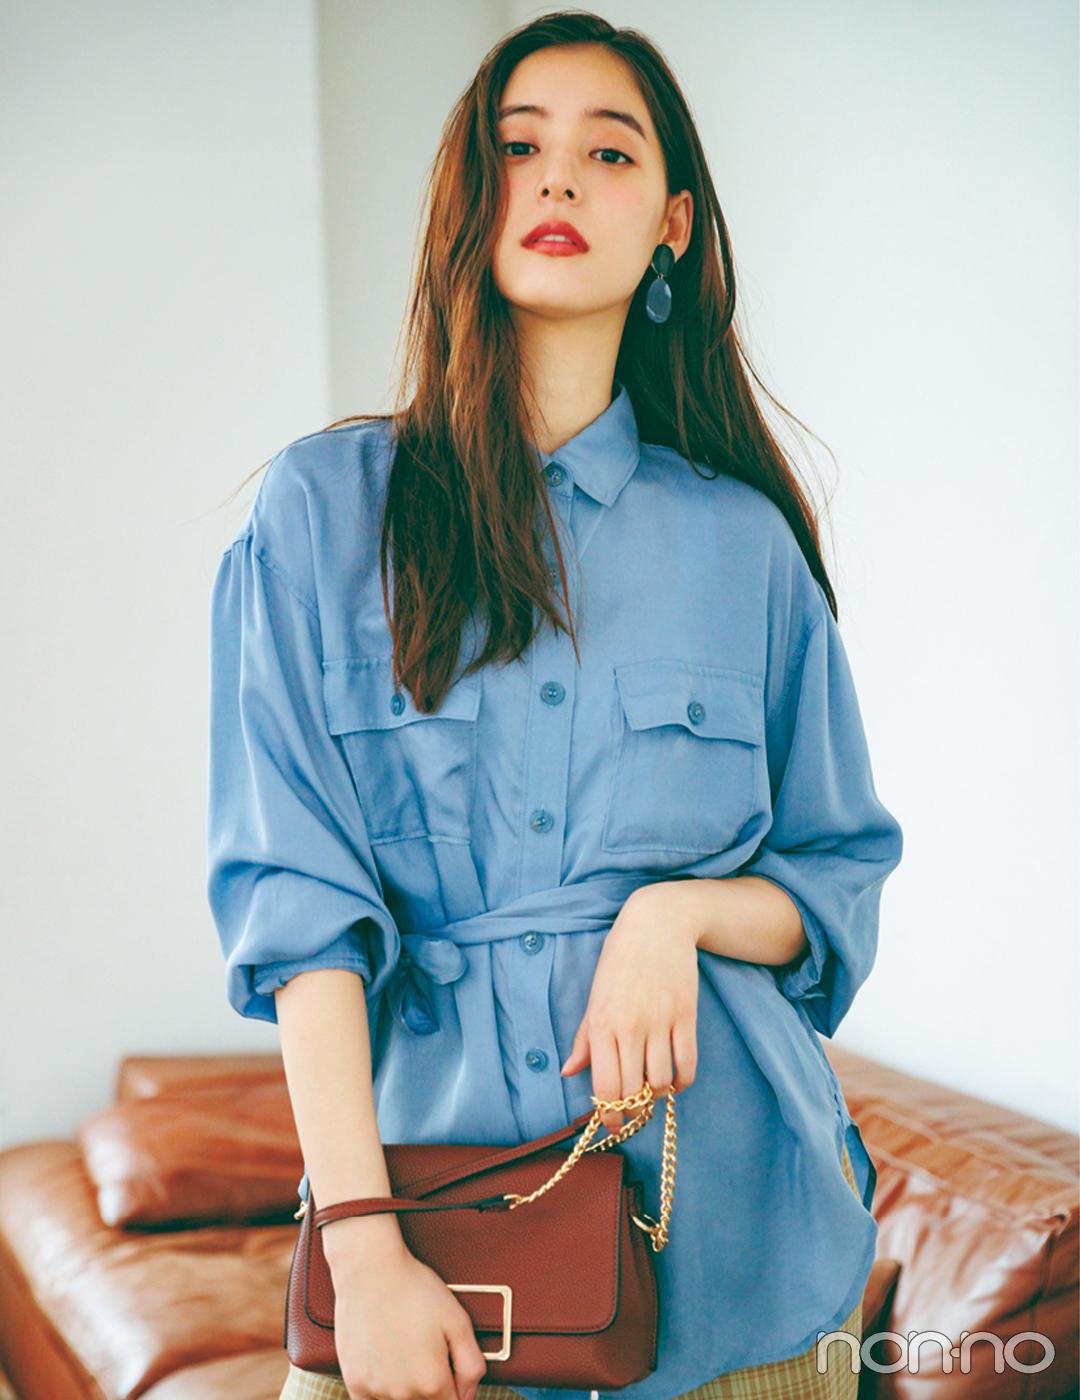 新木優子×新しいこと始まる秋服。「くすみブルーで肌色をきれいに見せて」